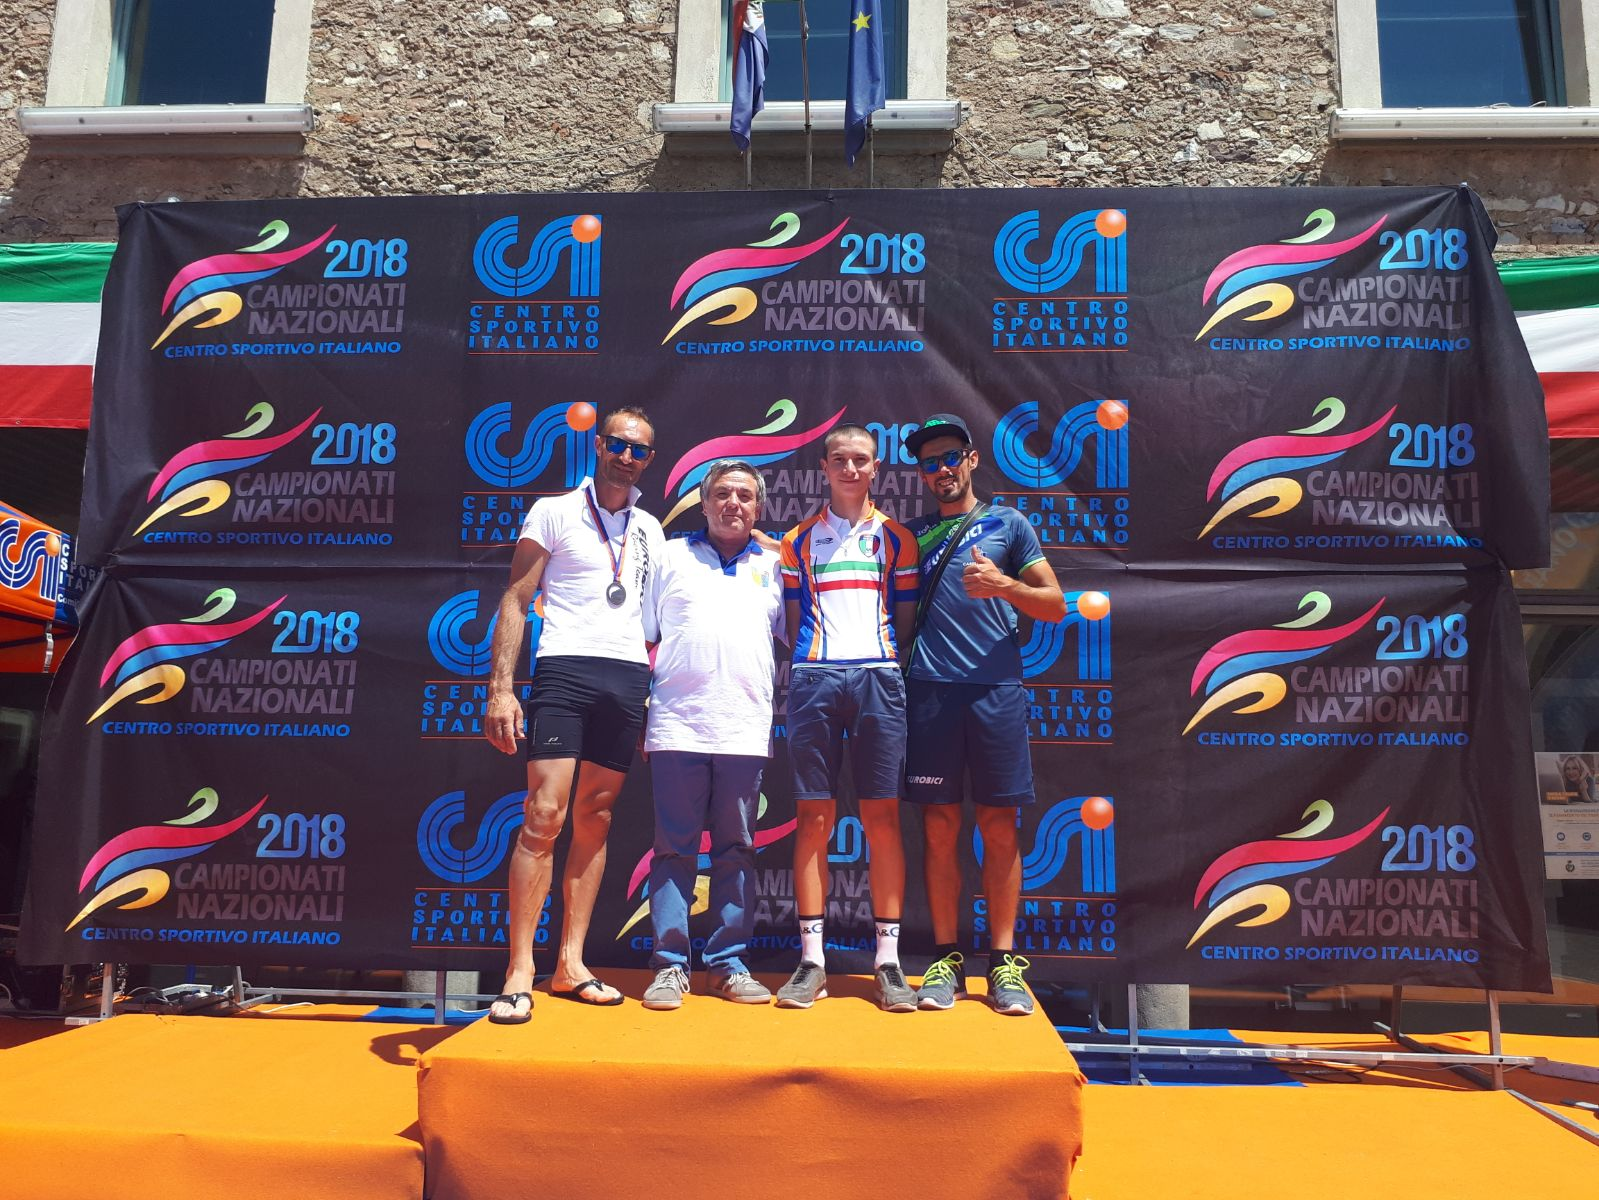 8° Campionato Nazionale CSI di Ciclismo